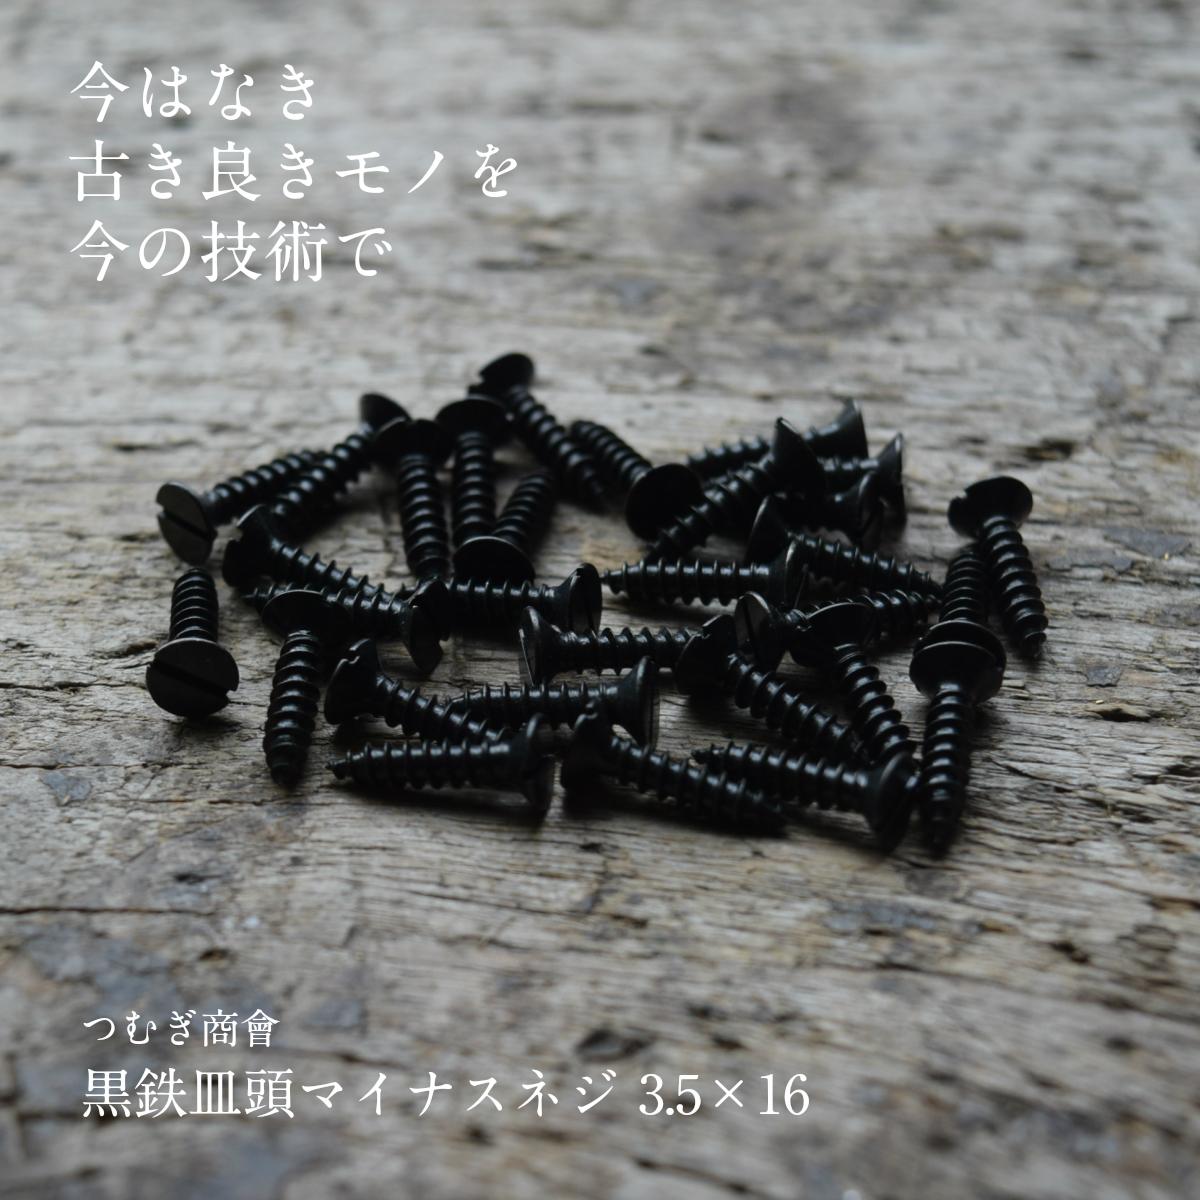 黒鉄マイナスネジ 3.5×16ミリ      30pcs(金具家具 DIY アンティーク金物 インテリア 内装 リフォーム マイナスネジ)ツムギショウカイ